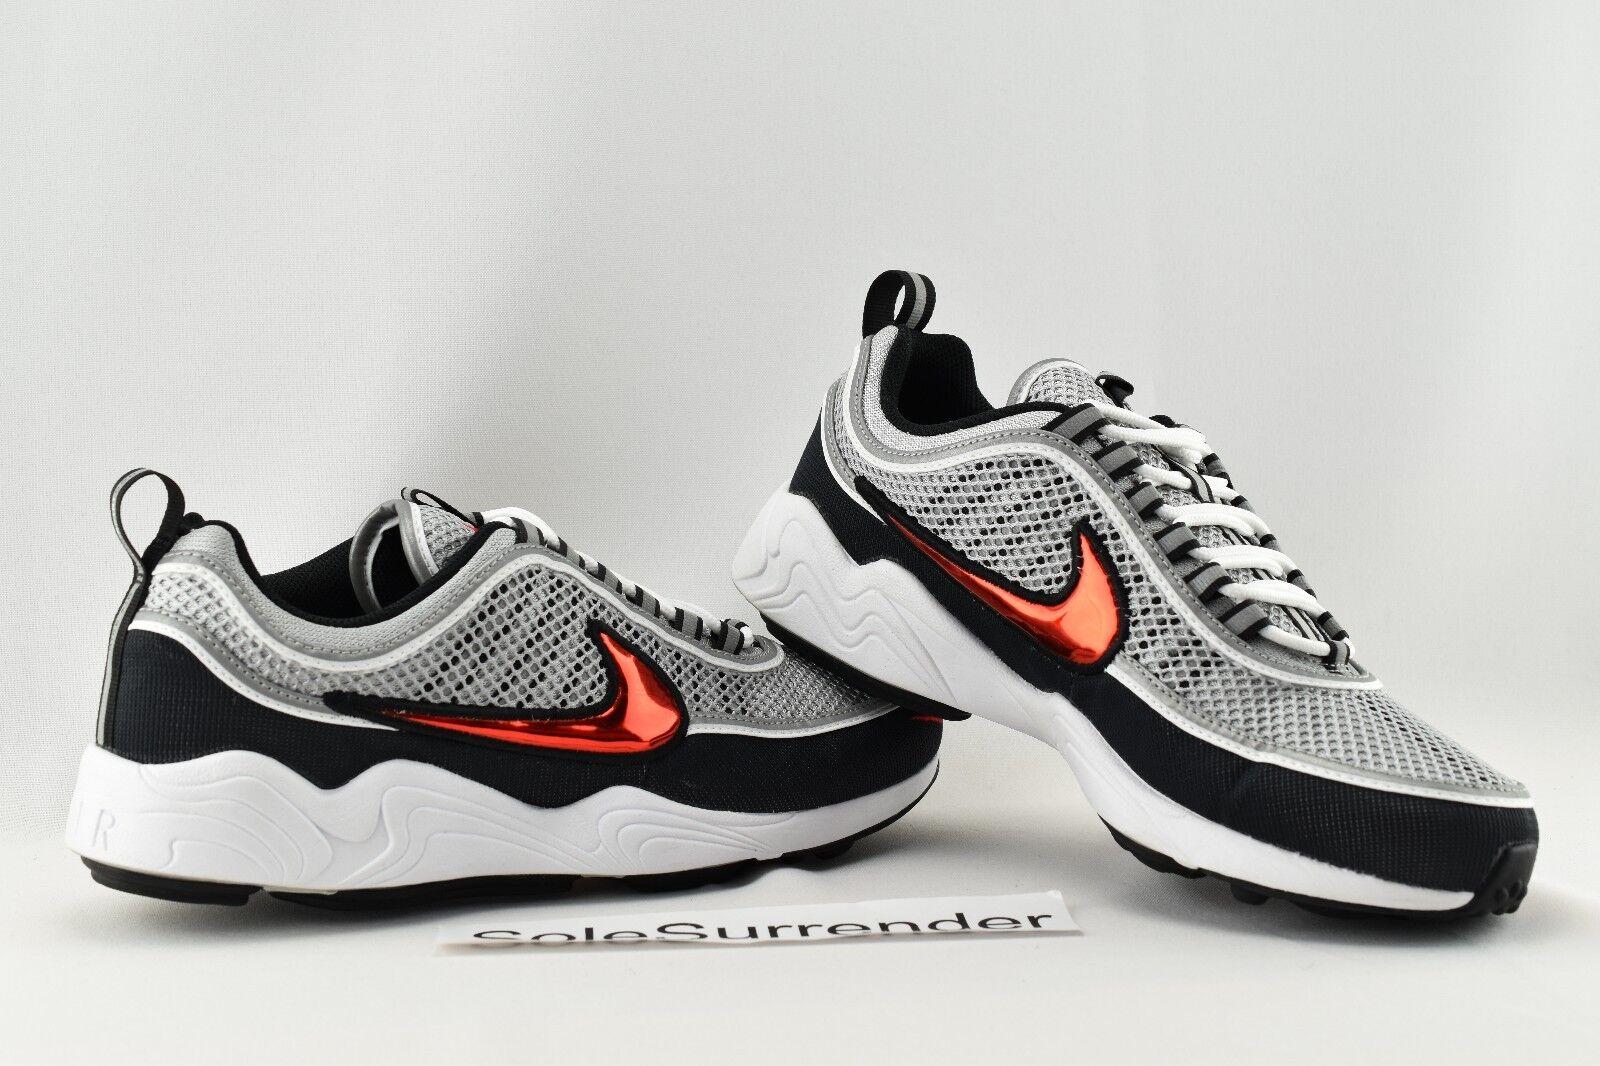 Nike Nike Nike Air Zoom spirison '16 Elige tamaño 849776-001 Lab nikelab gris negro rojo gran descuento 36eb36